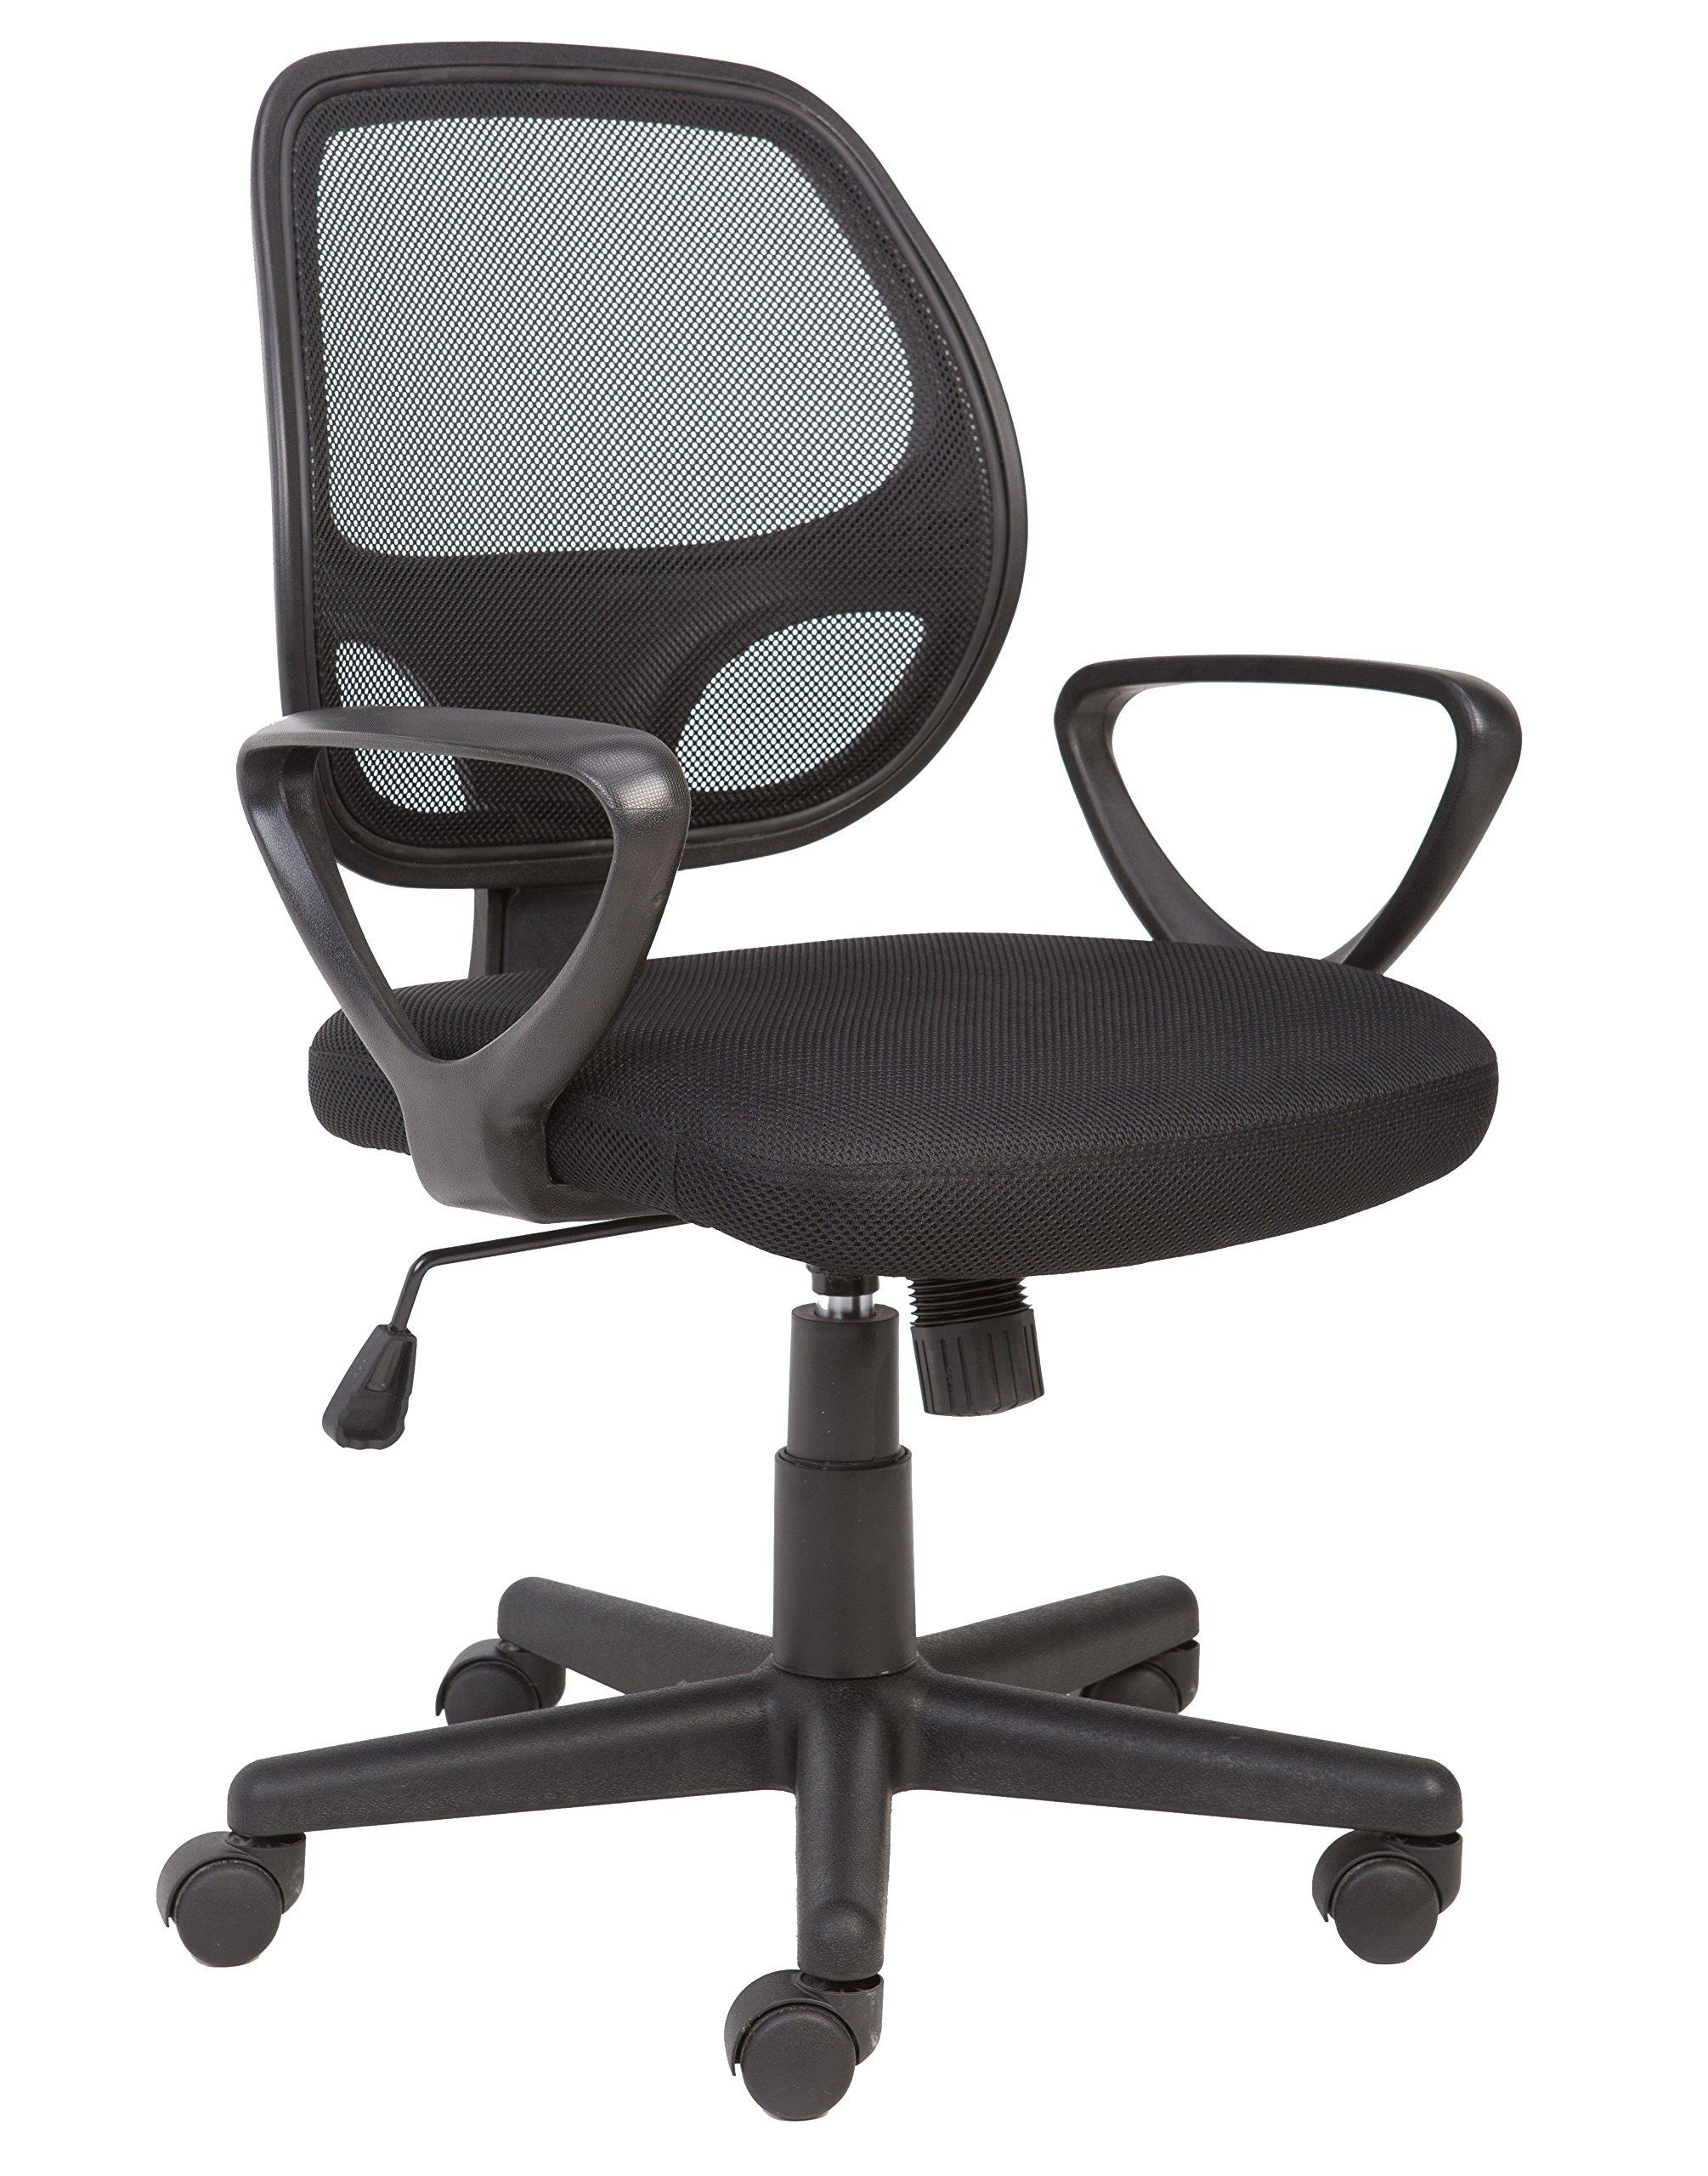 office chair controls. Office Essentials Mesh Back Desk Chair PLUS TORSION CONTROL, Black Controls R